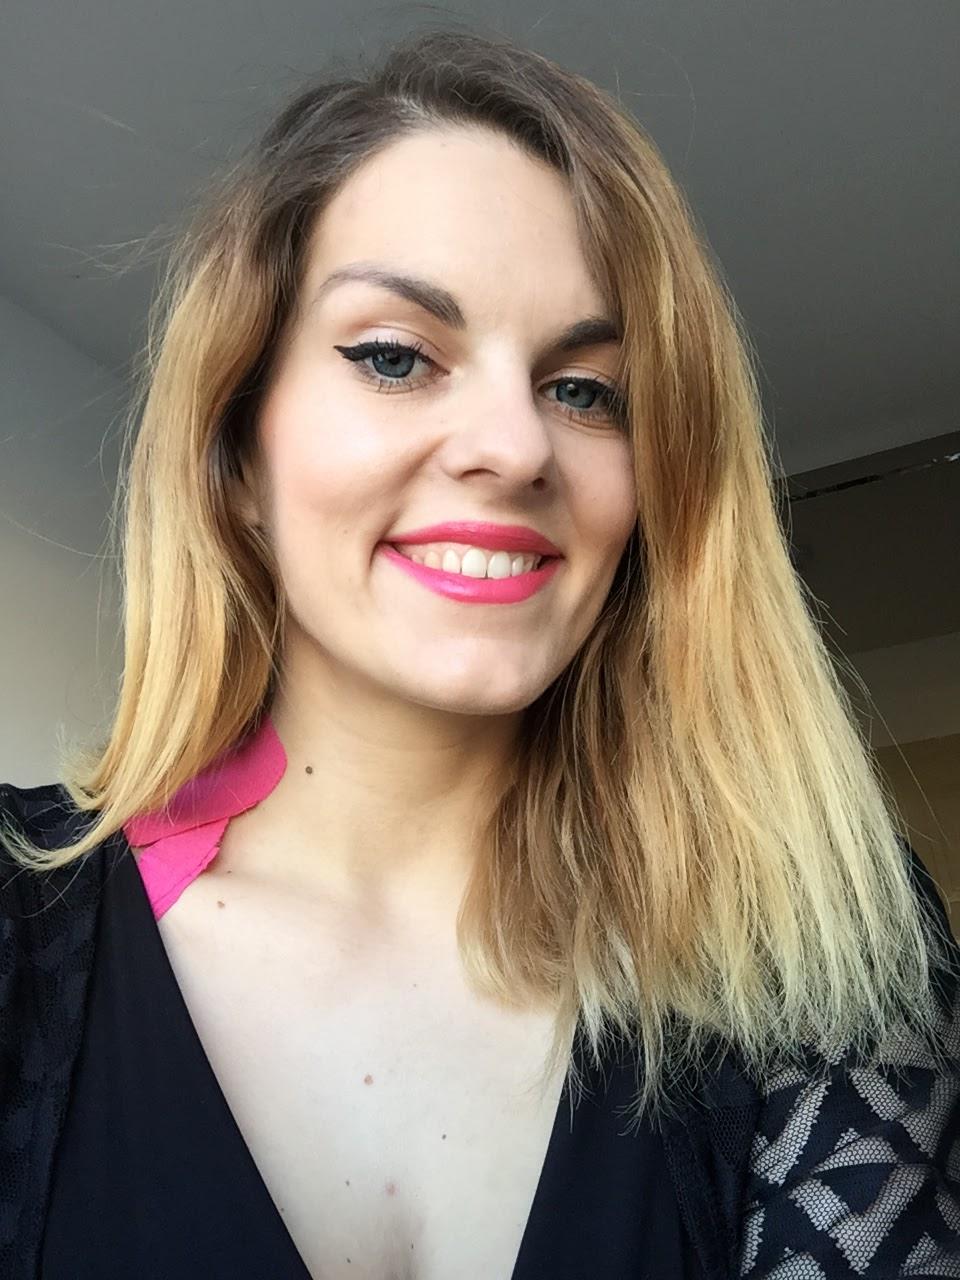 Rumunský lesbické porno